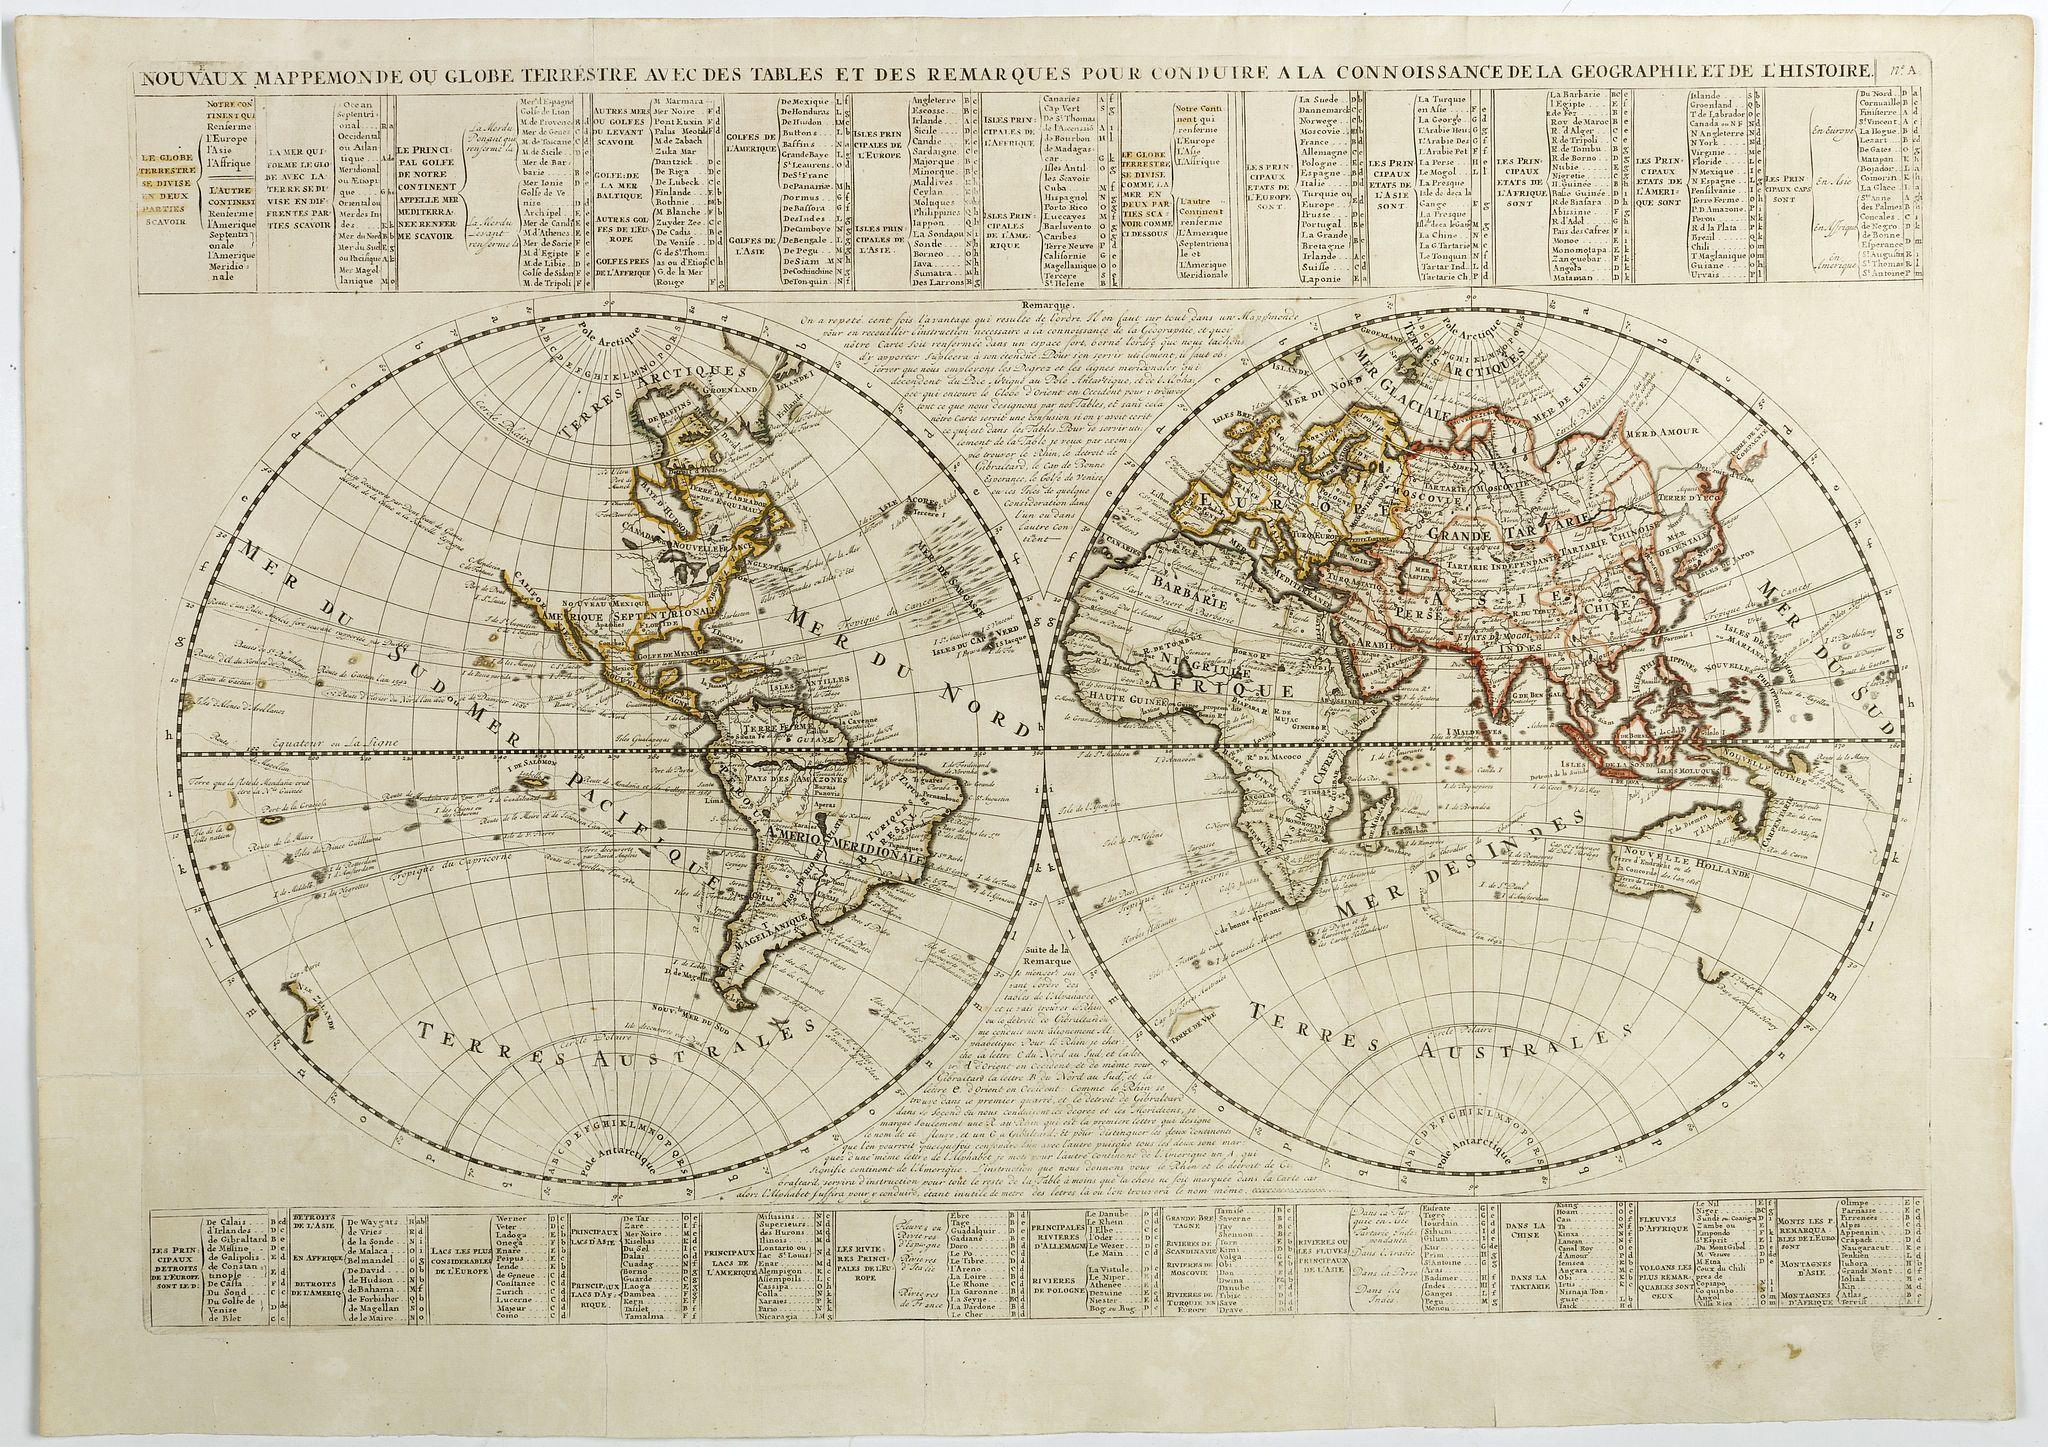 CHATELAIN, H. -  Nouvaux Mappemonde ou globe terrestre avec des tables et des ..